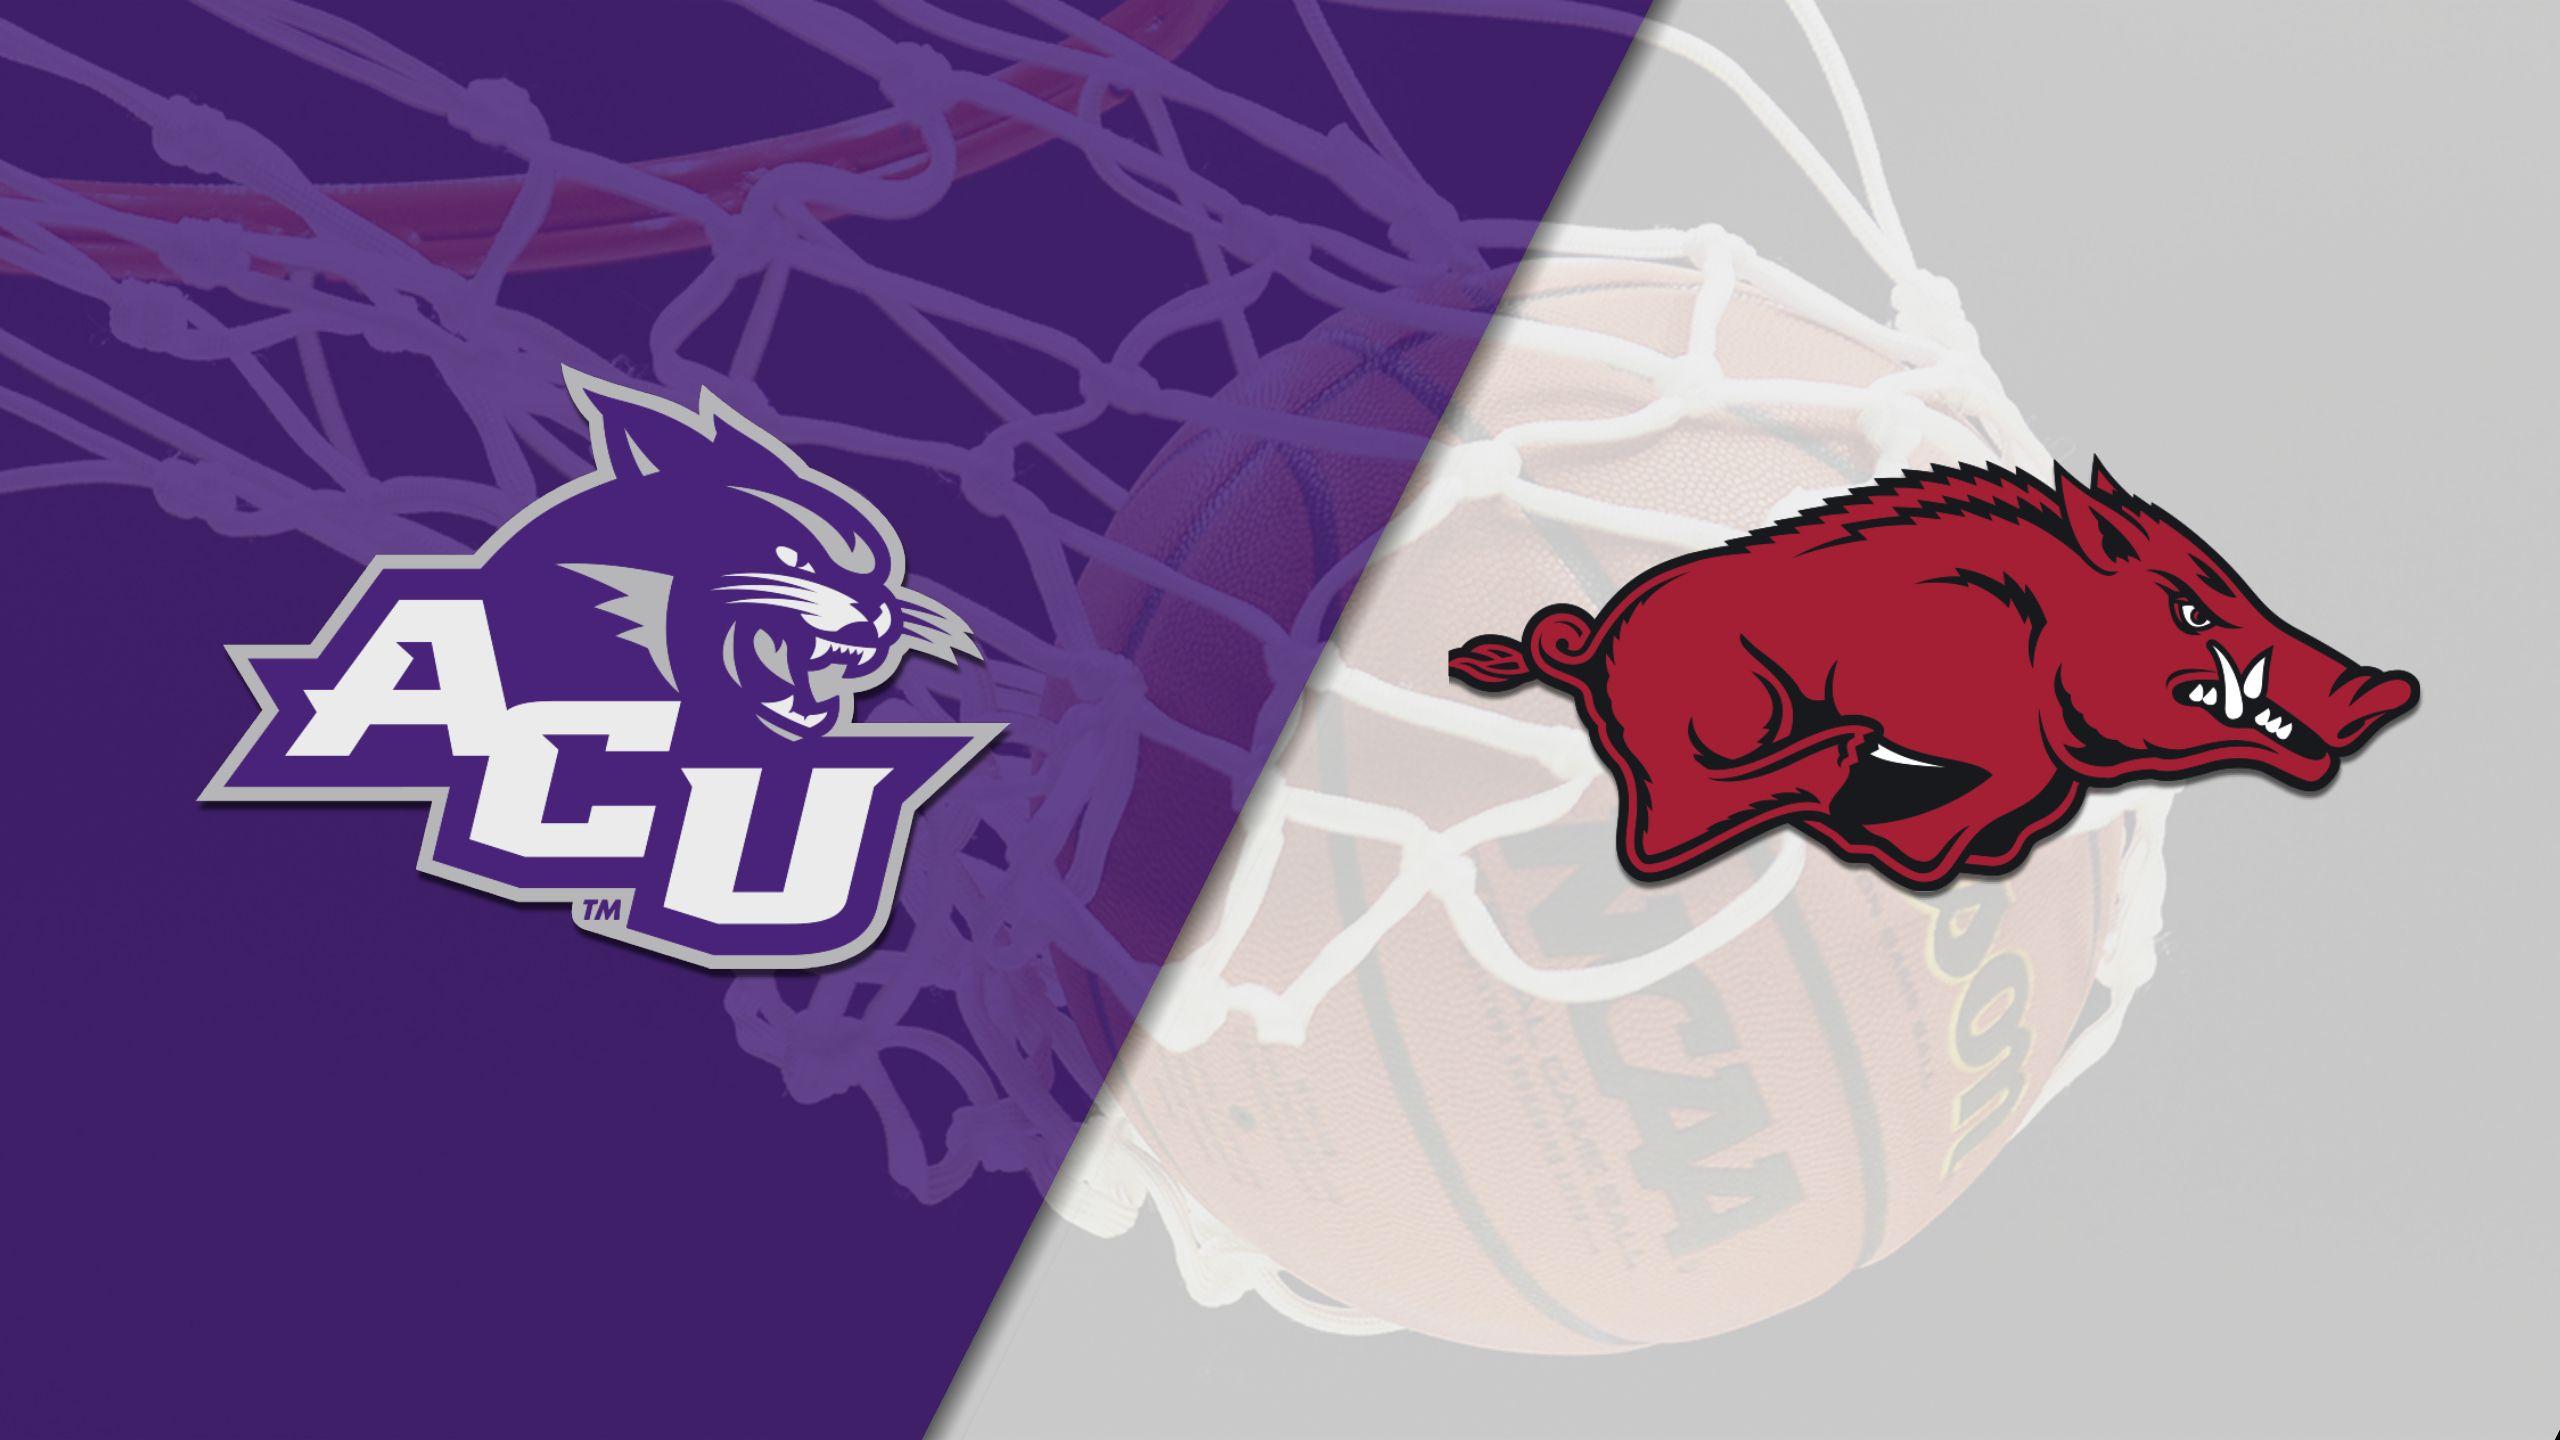 Abilene Christian vs. Arkansas (W Basketball)